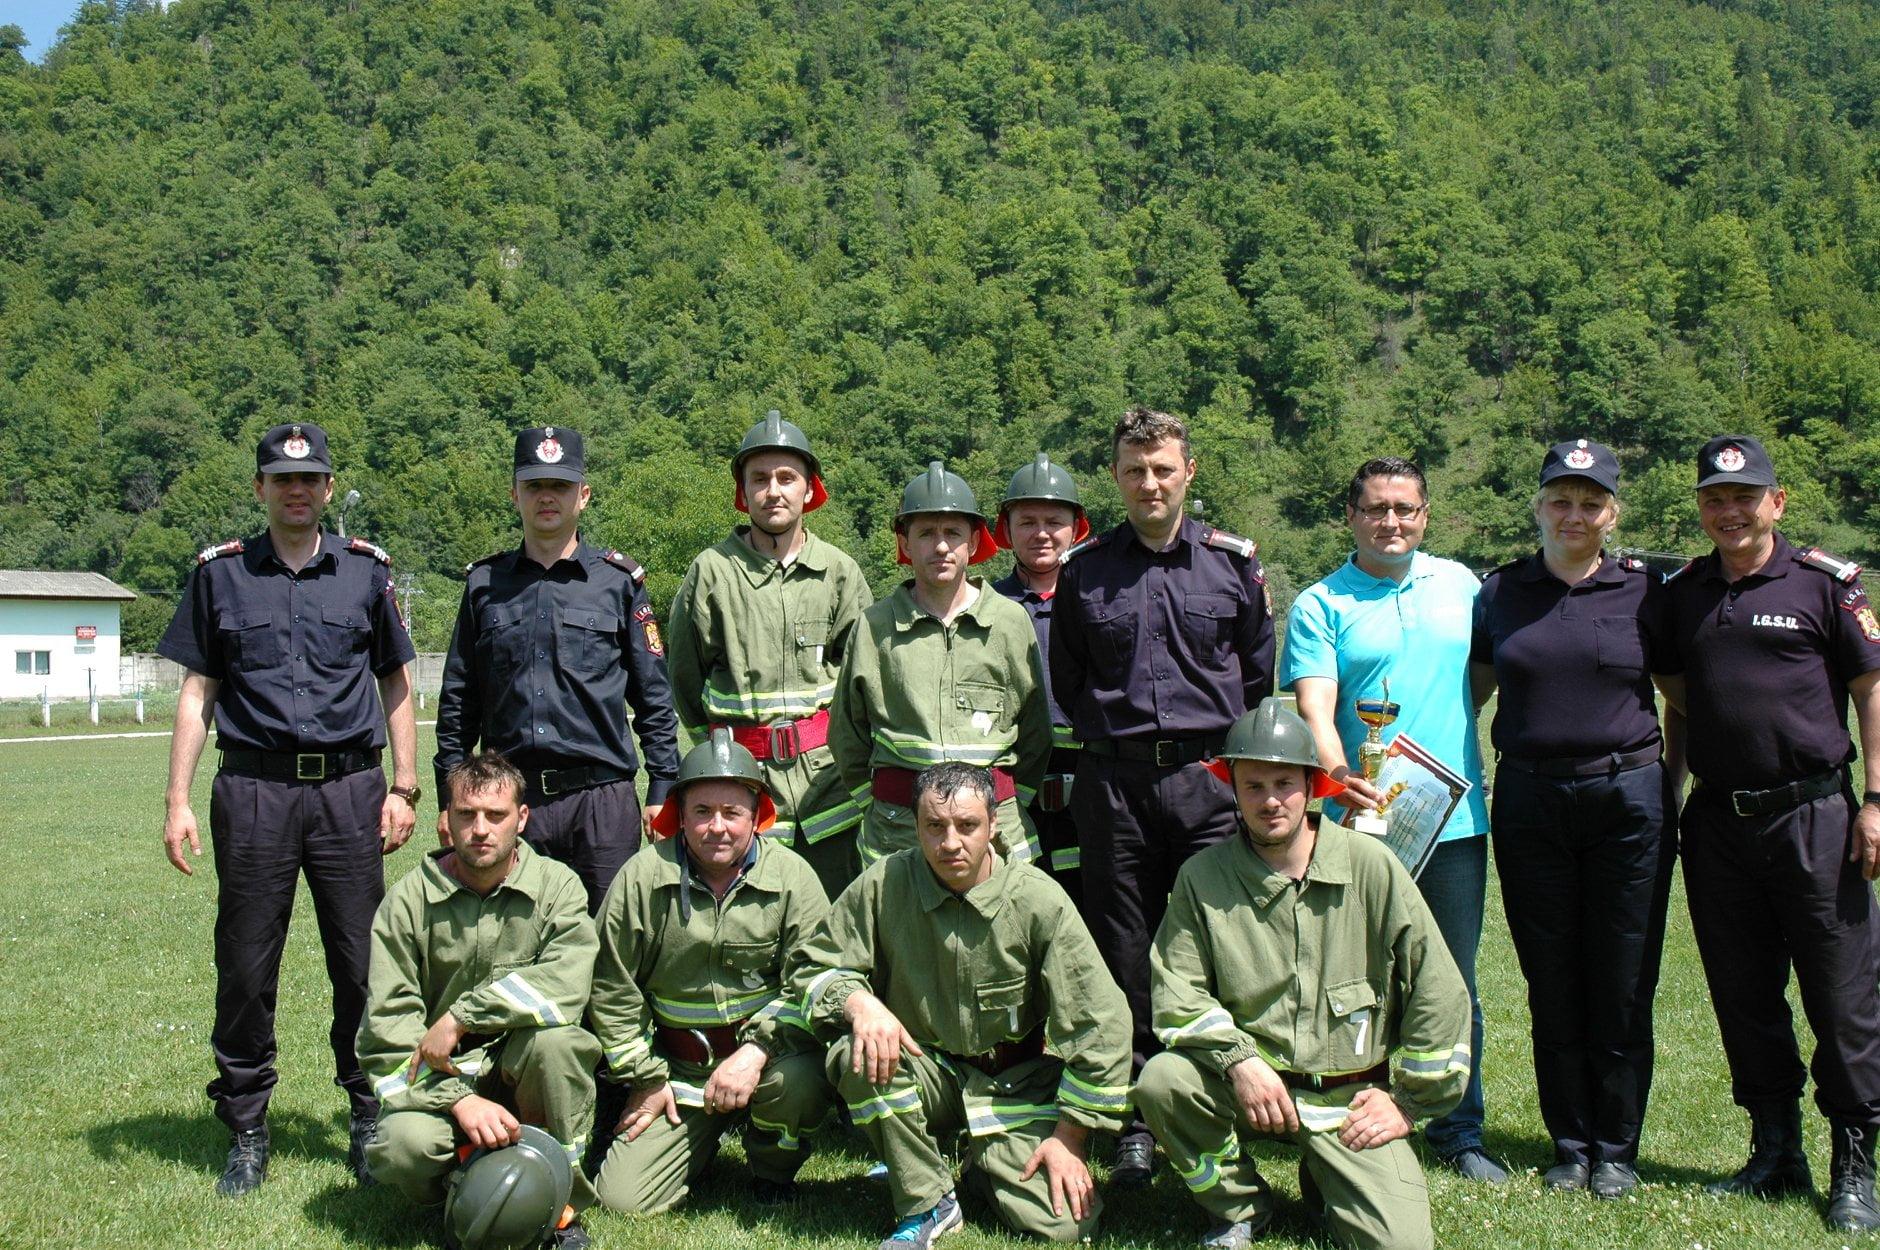 Salvatorii de la CERSANIT, primii din județ în Concursul Serviciilor Private pentru Situaţii de Urgenţă